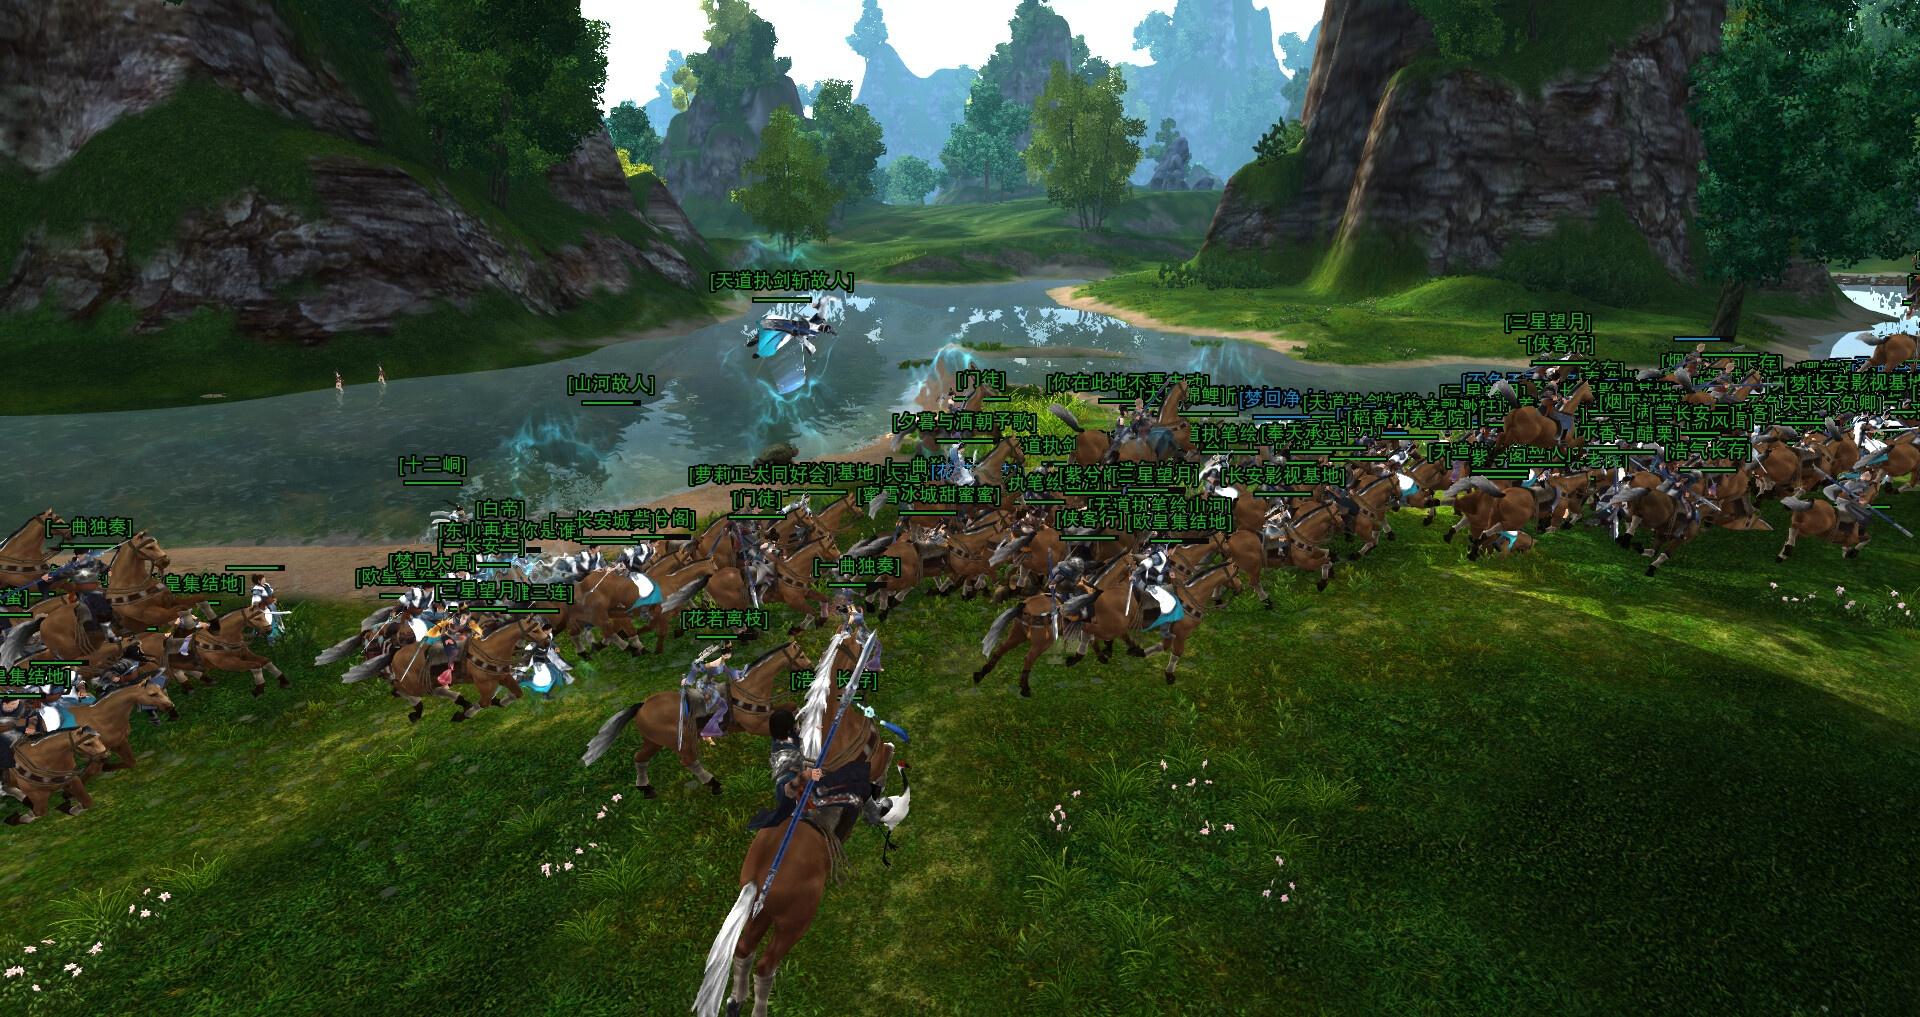 《剑网3缘起》34小时激燃攻防对战 再现热血真江湖